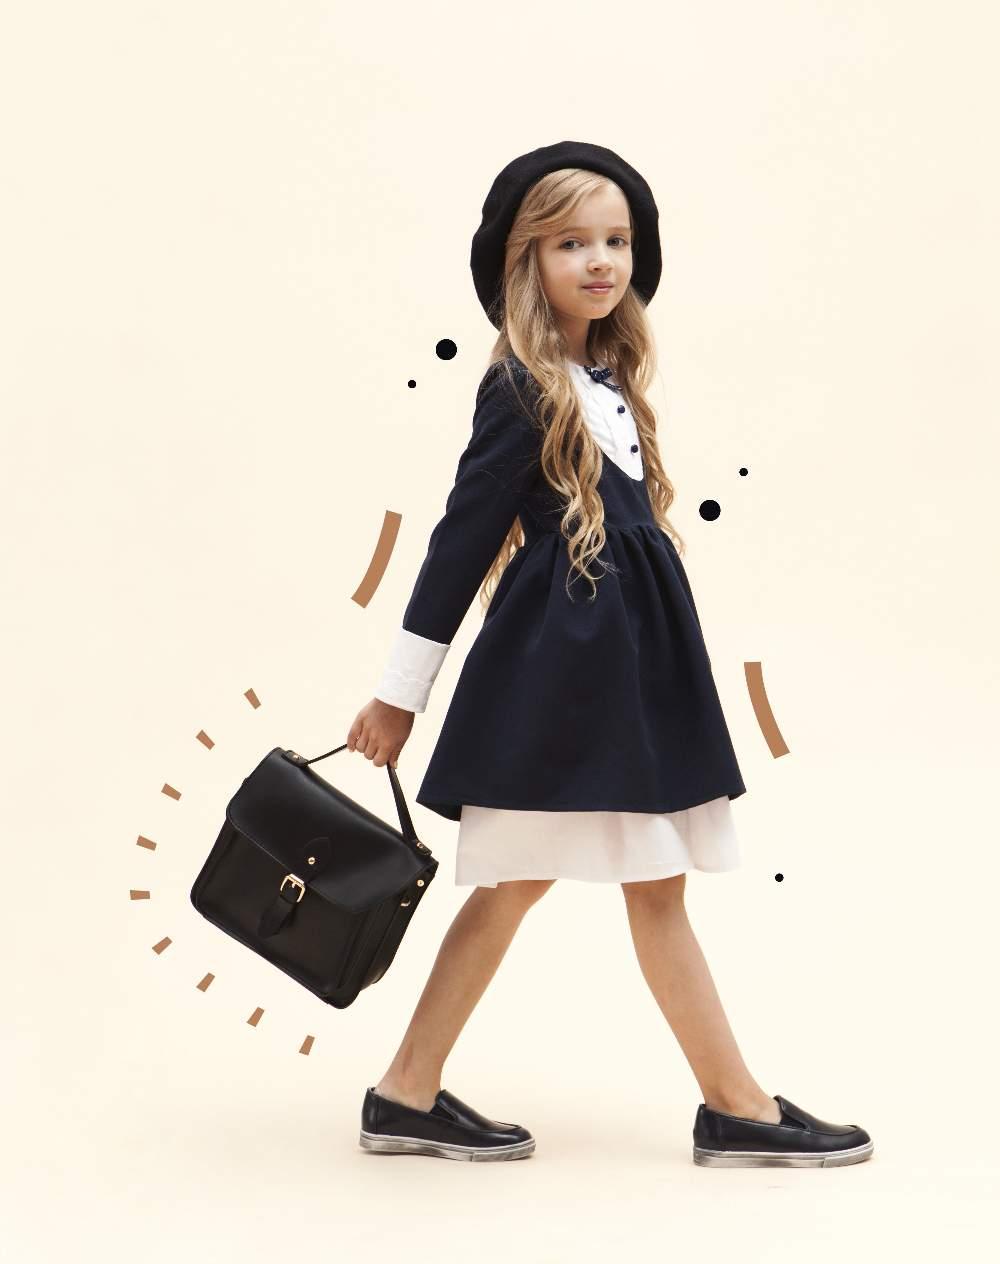 c65775d599bf07 Творці марки зізнаються, що натхнення завжди черпають від своїх дітей. Так,  вони пропонують дівчаткам ходити до школи у романтичних сукнях.